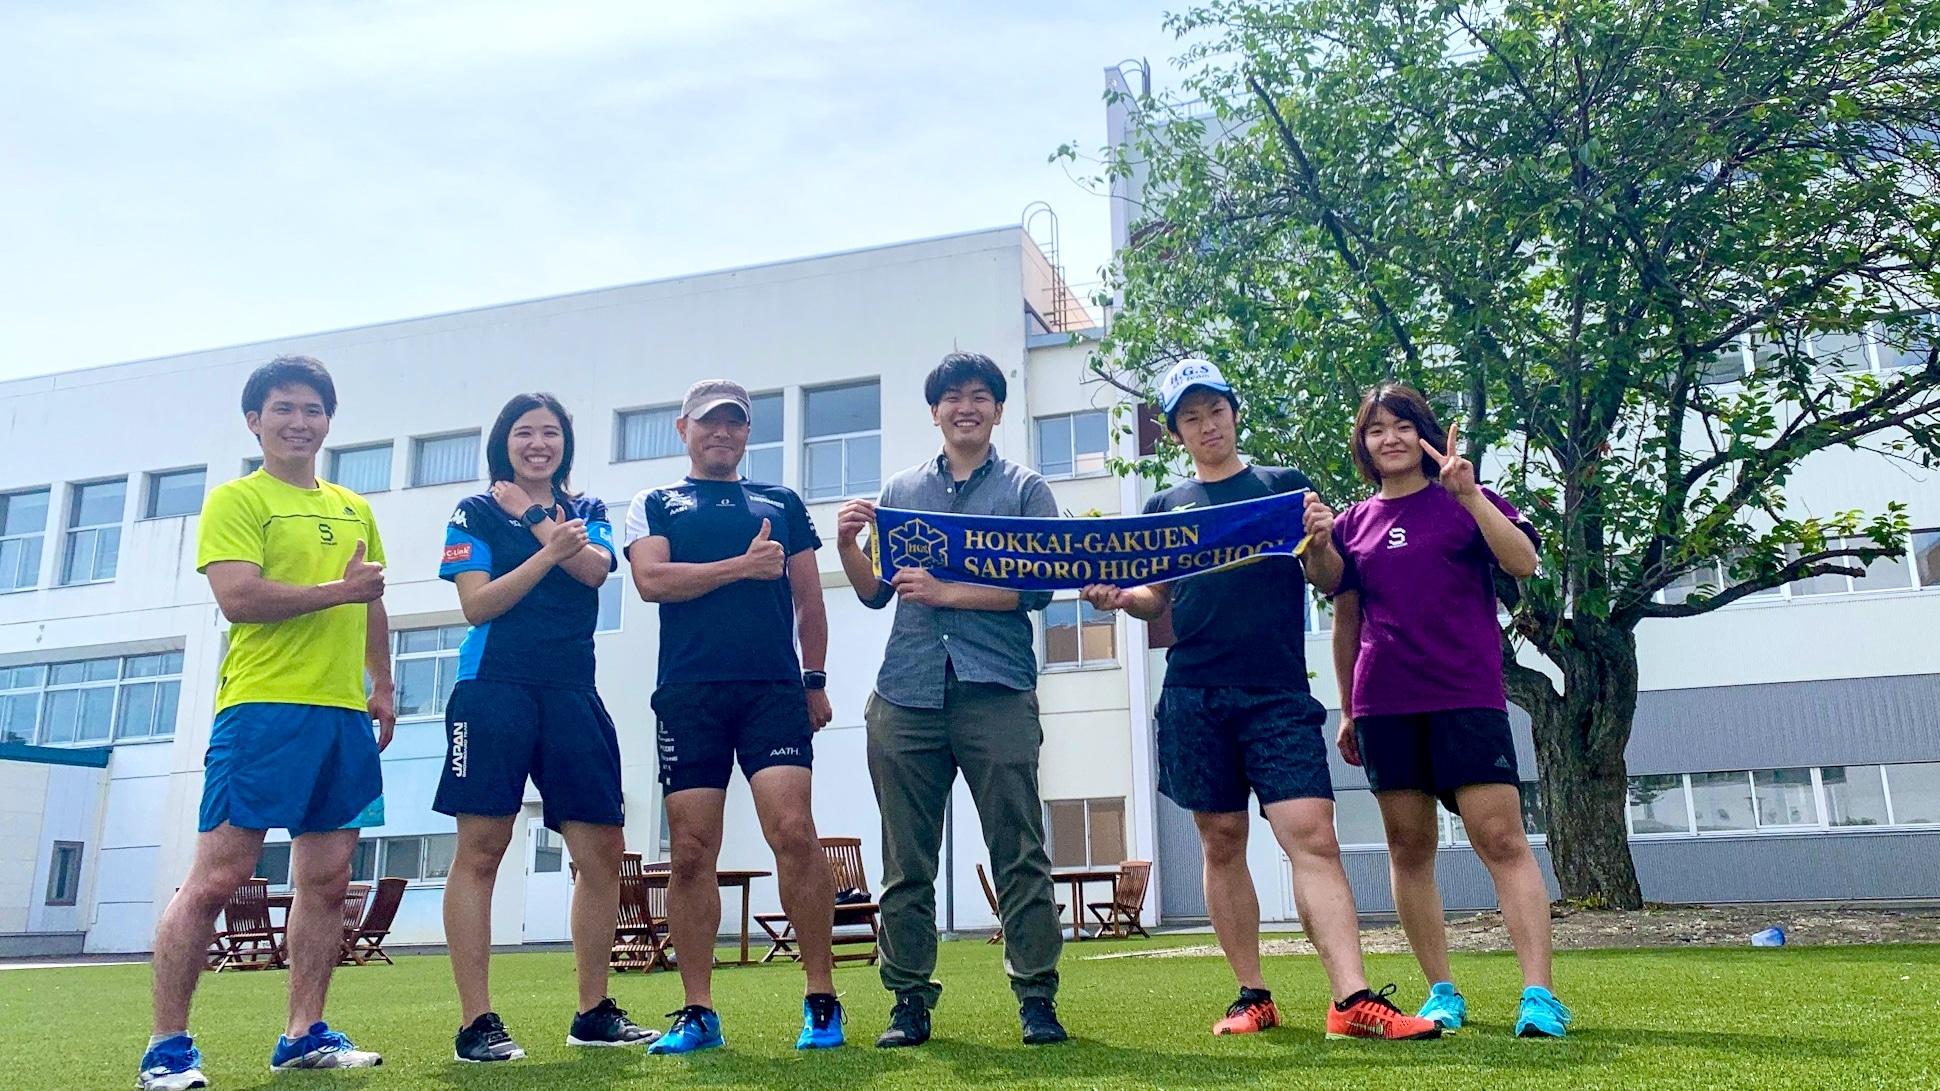 北海学園札幌高校スキー部・夏トレサポート